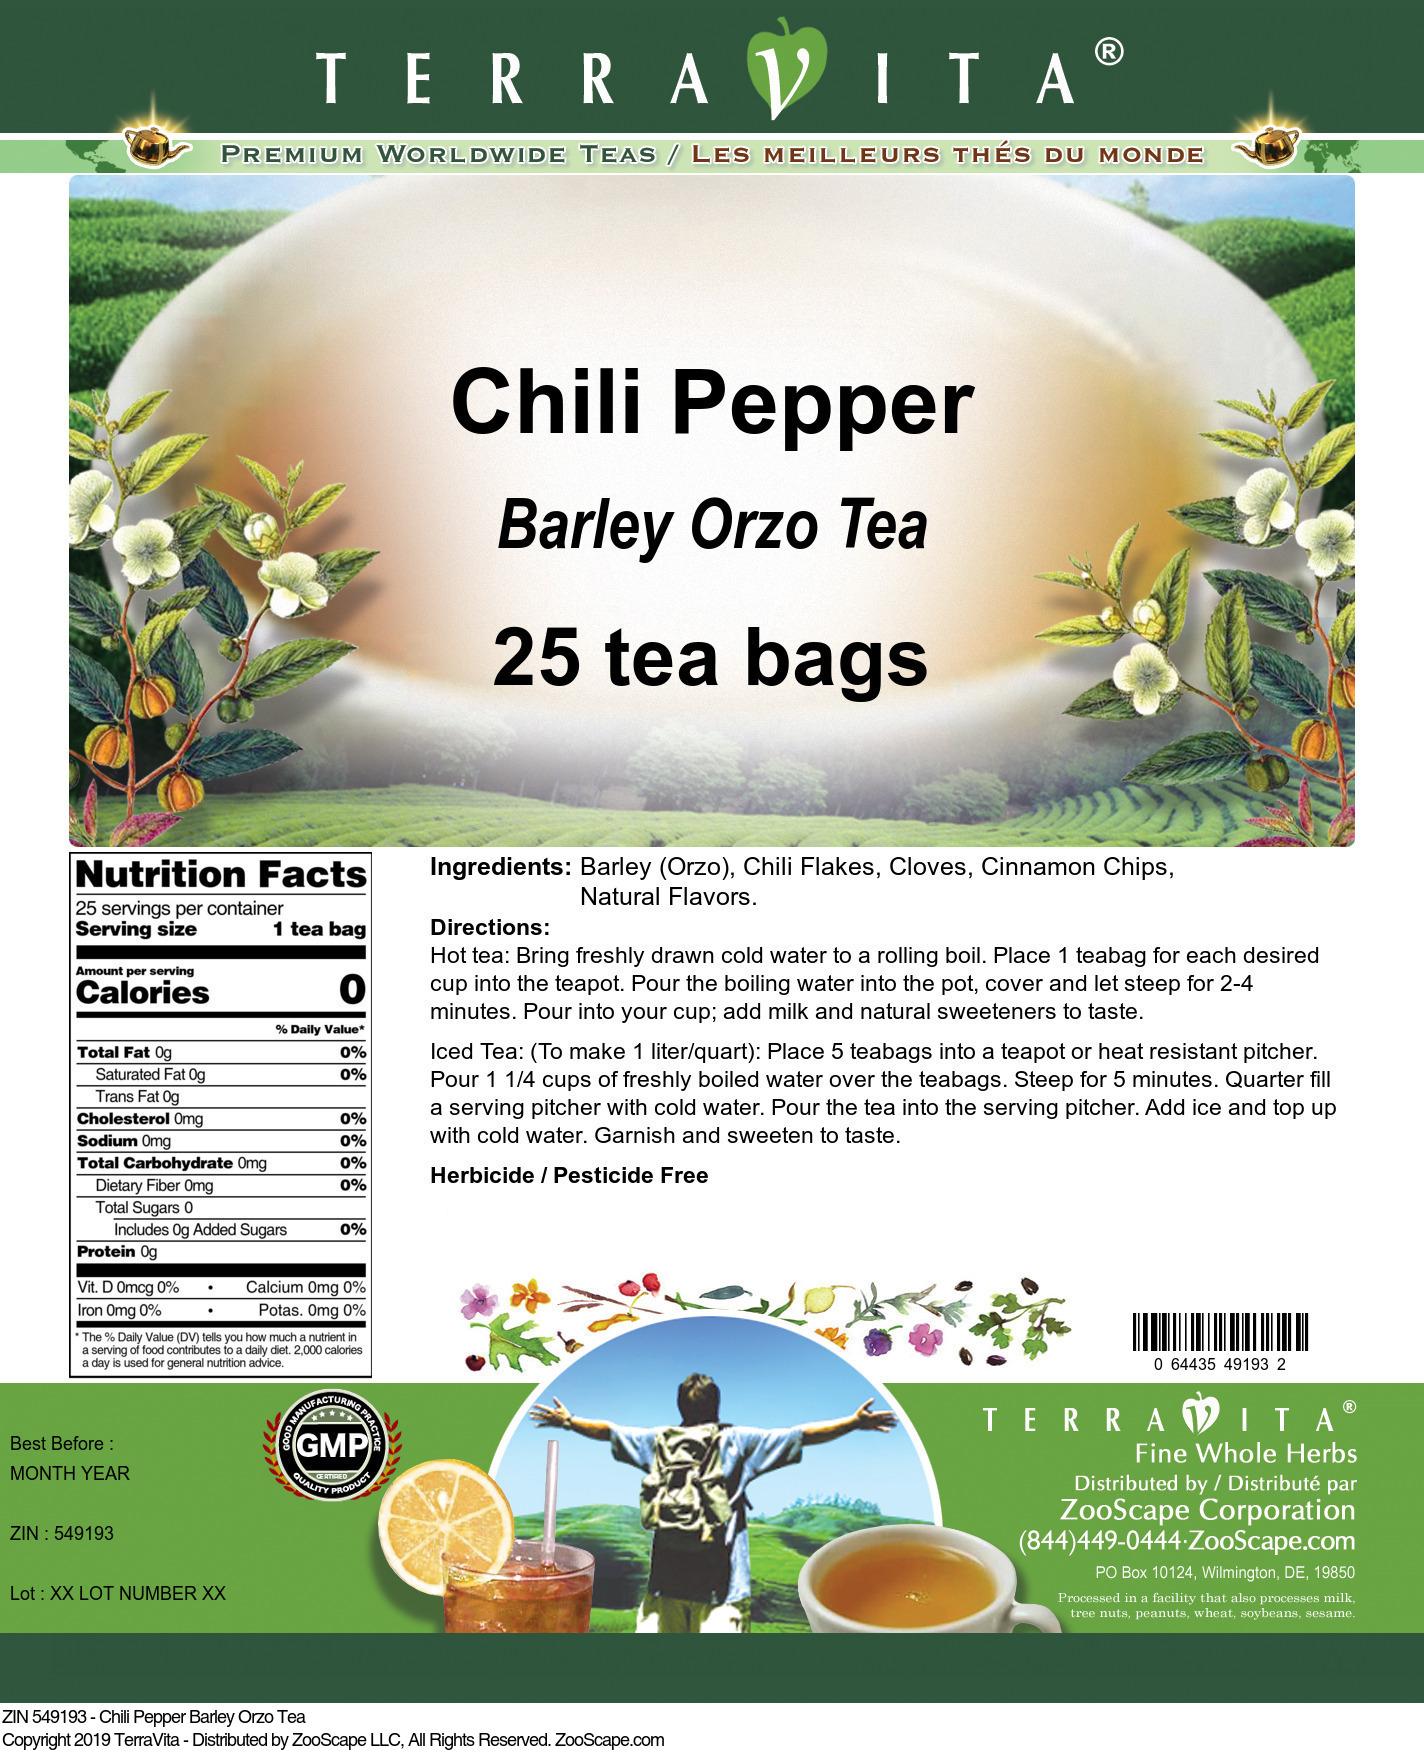 Chili Pepper Barley Orzo